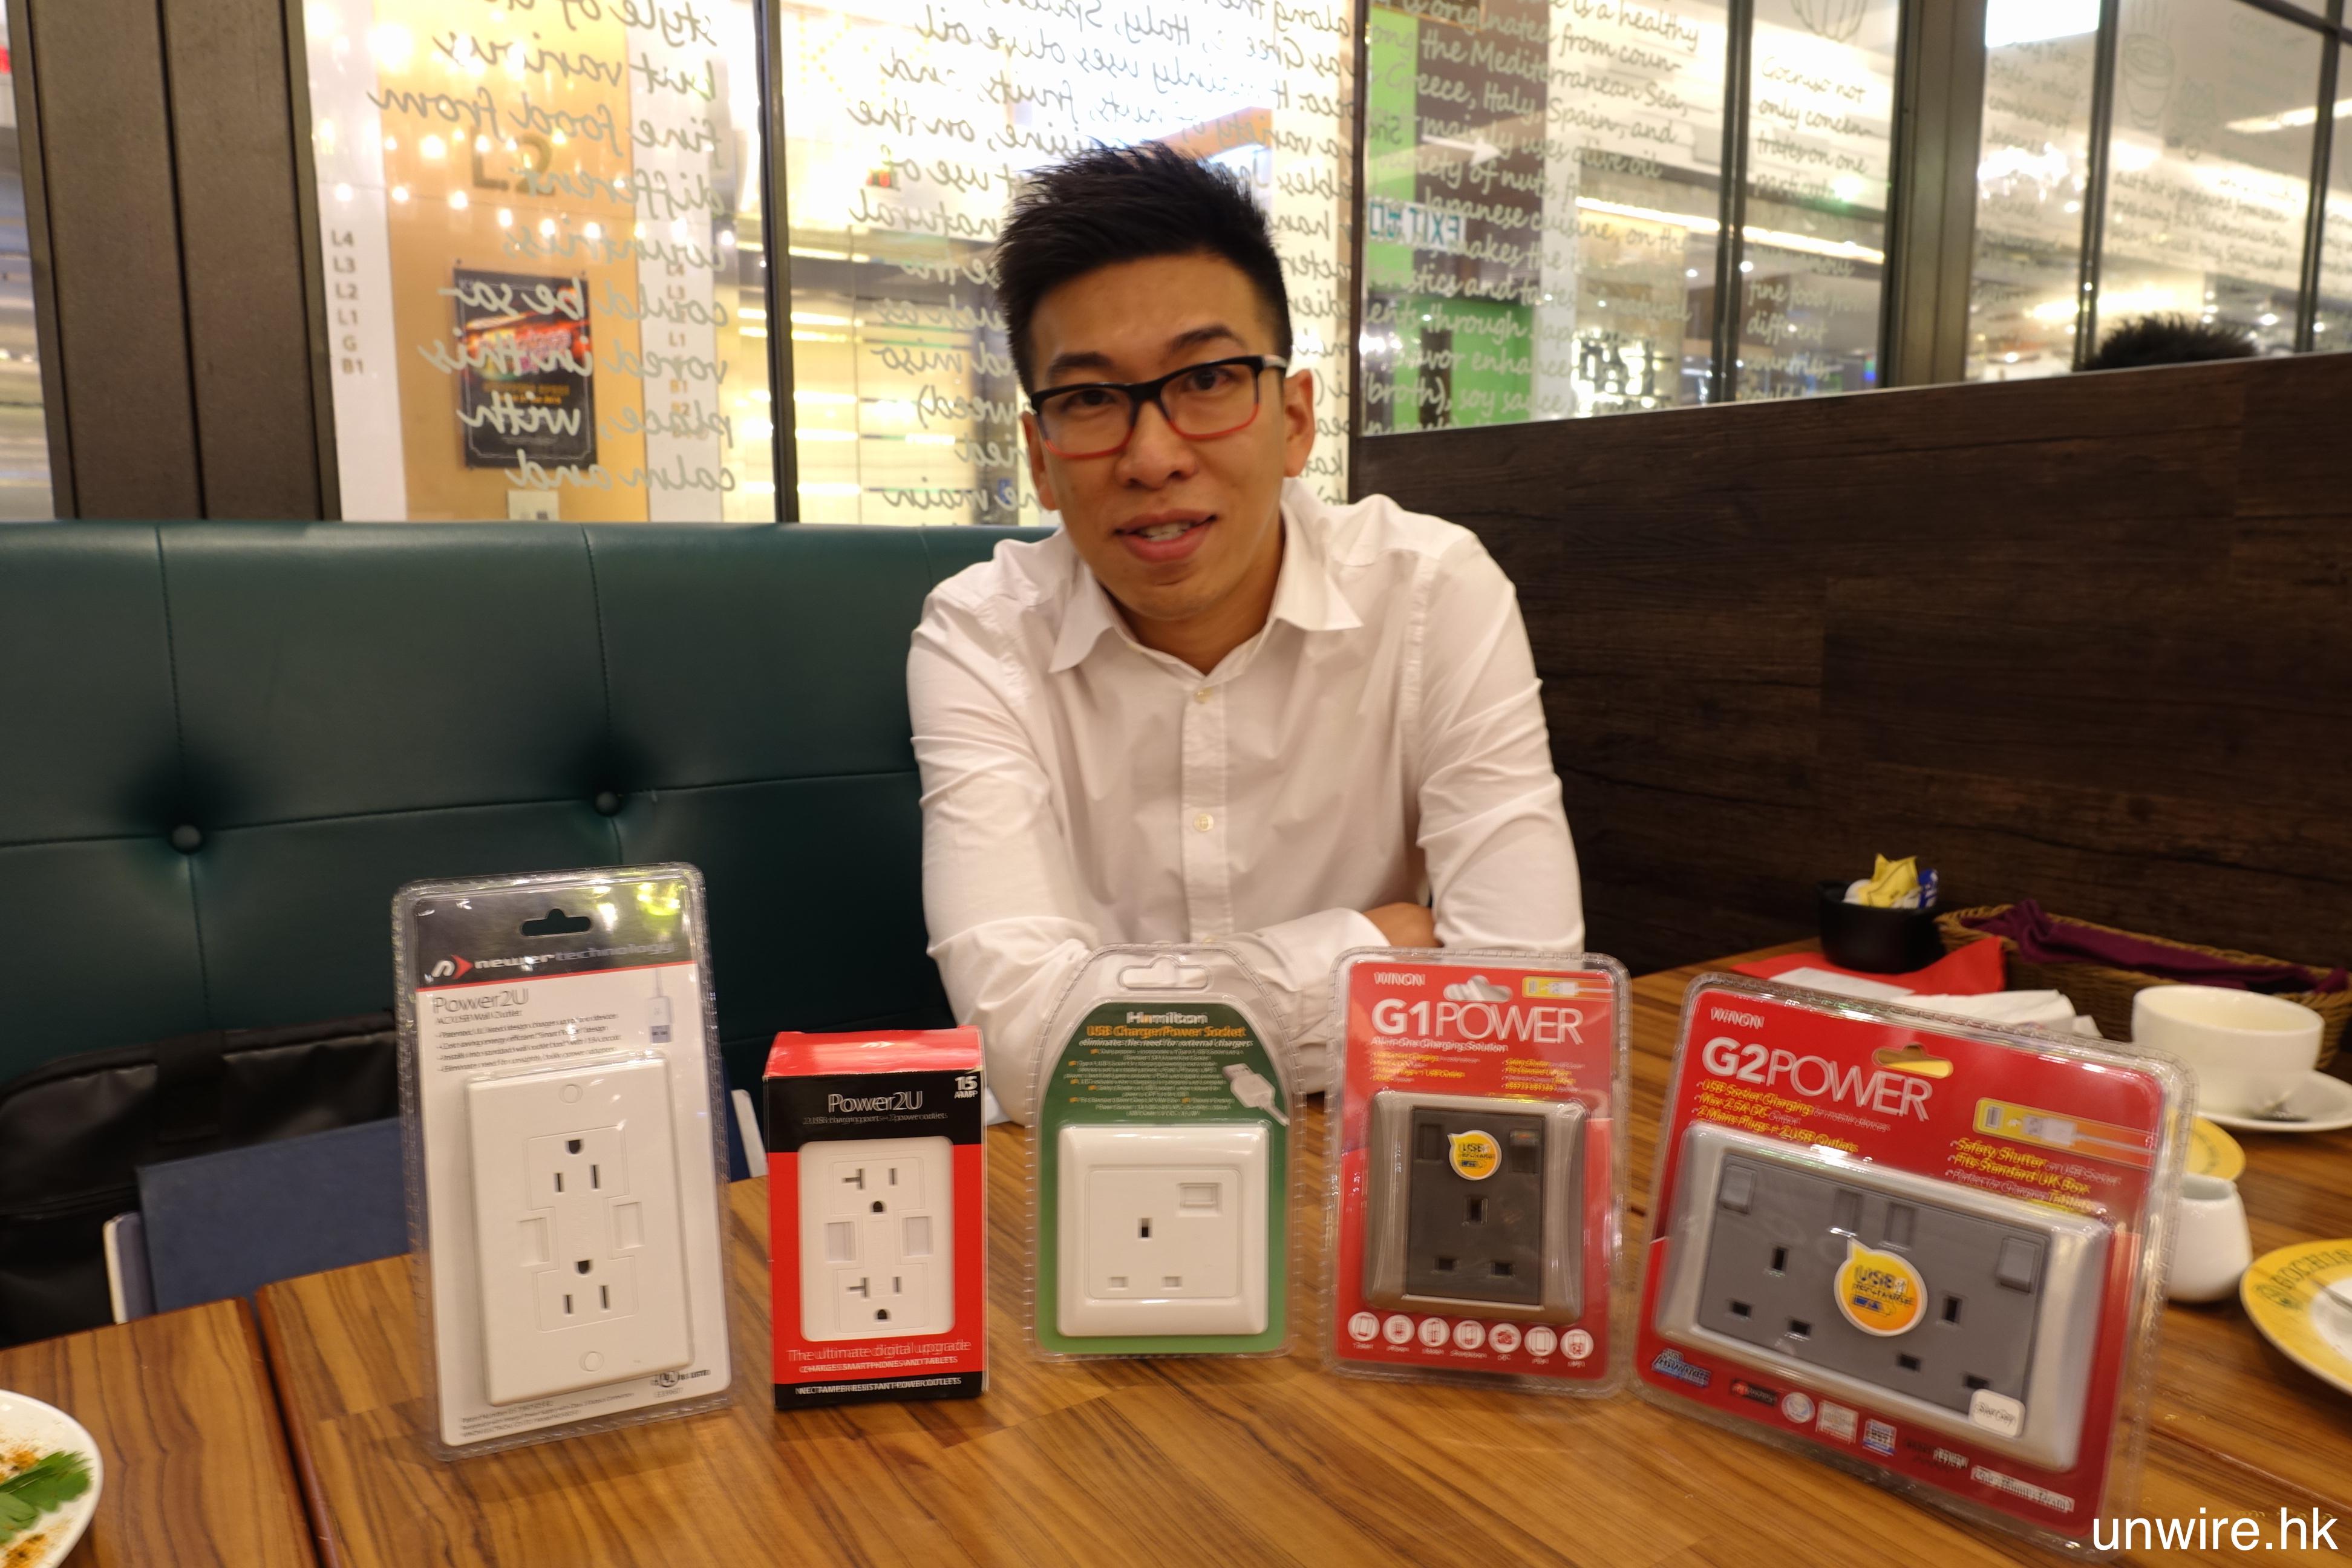 「USB 入牆插座」由港人發明 ! 背後感人故事 - 吳君武專訪